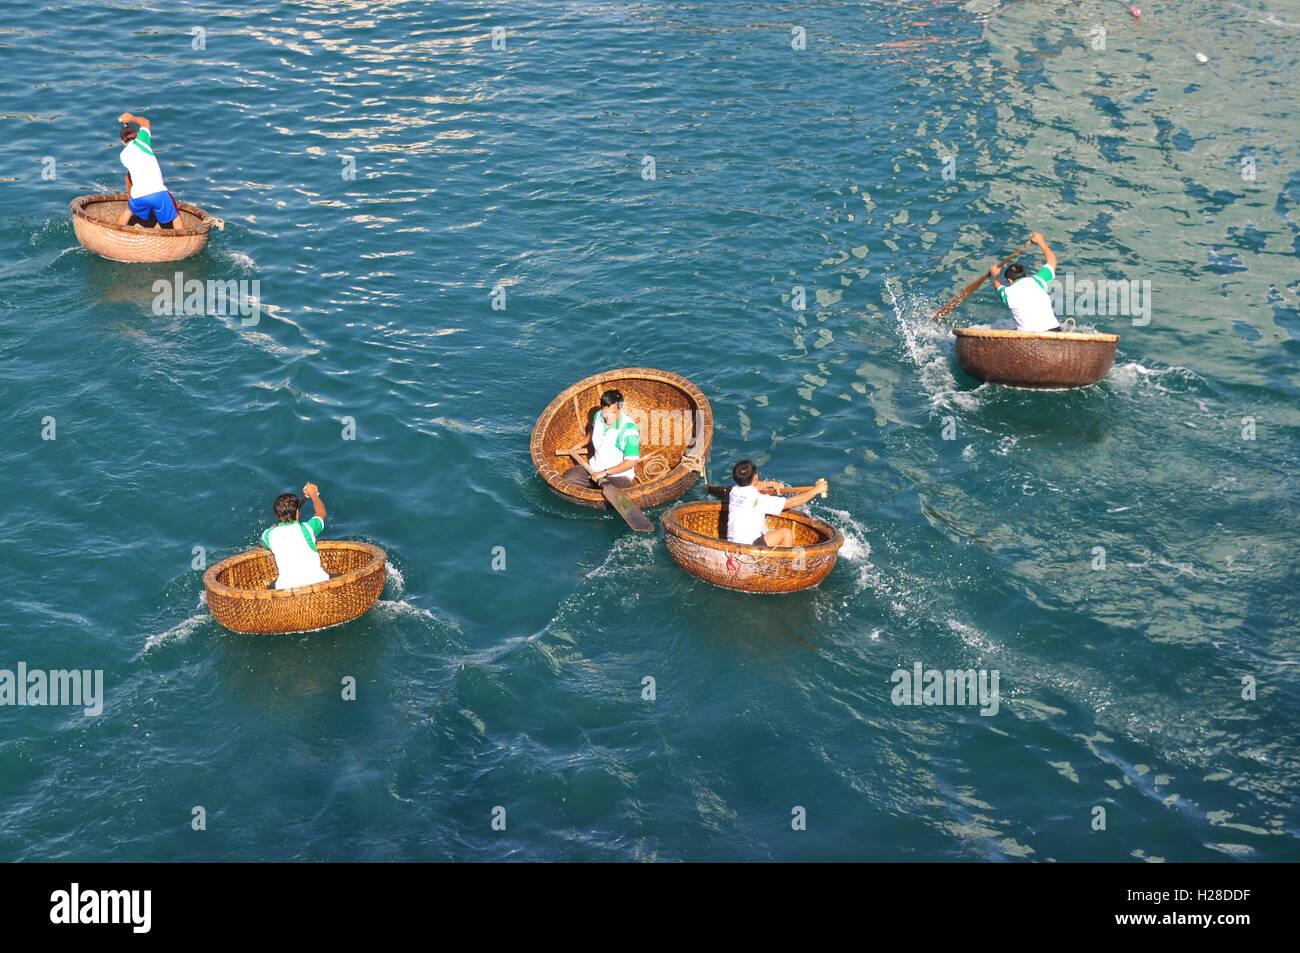 Nha Trang, Vietnam - July 14, 2015: Fishermen are racing by basket boats in the sea of Nha Trang bay - Stock Image